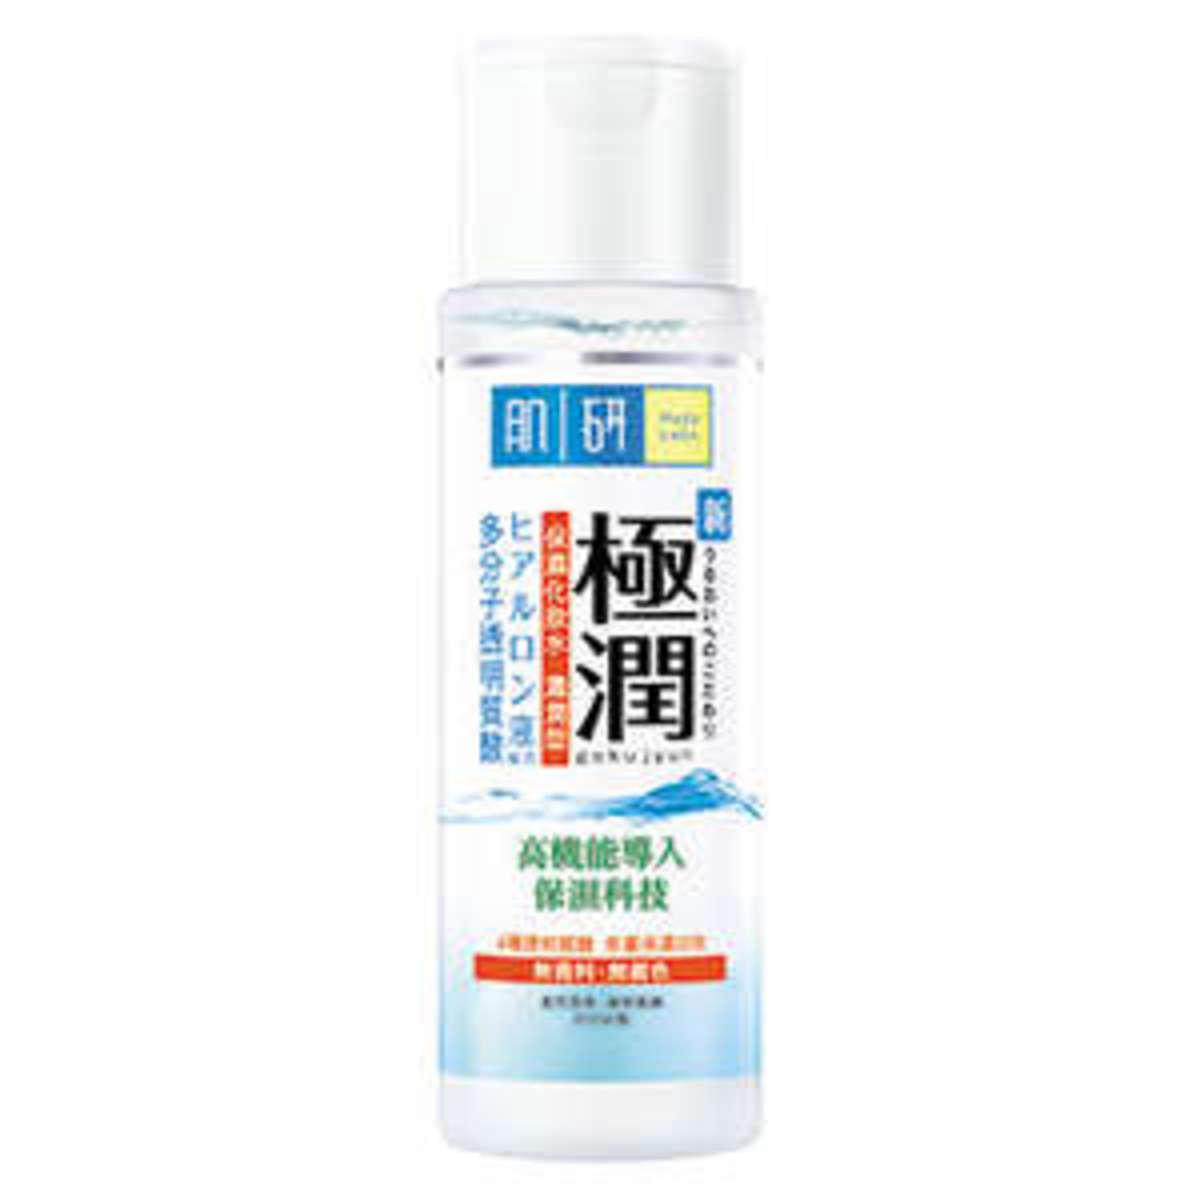 極潤保濕化妝水(濃潤型) 170毫升